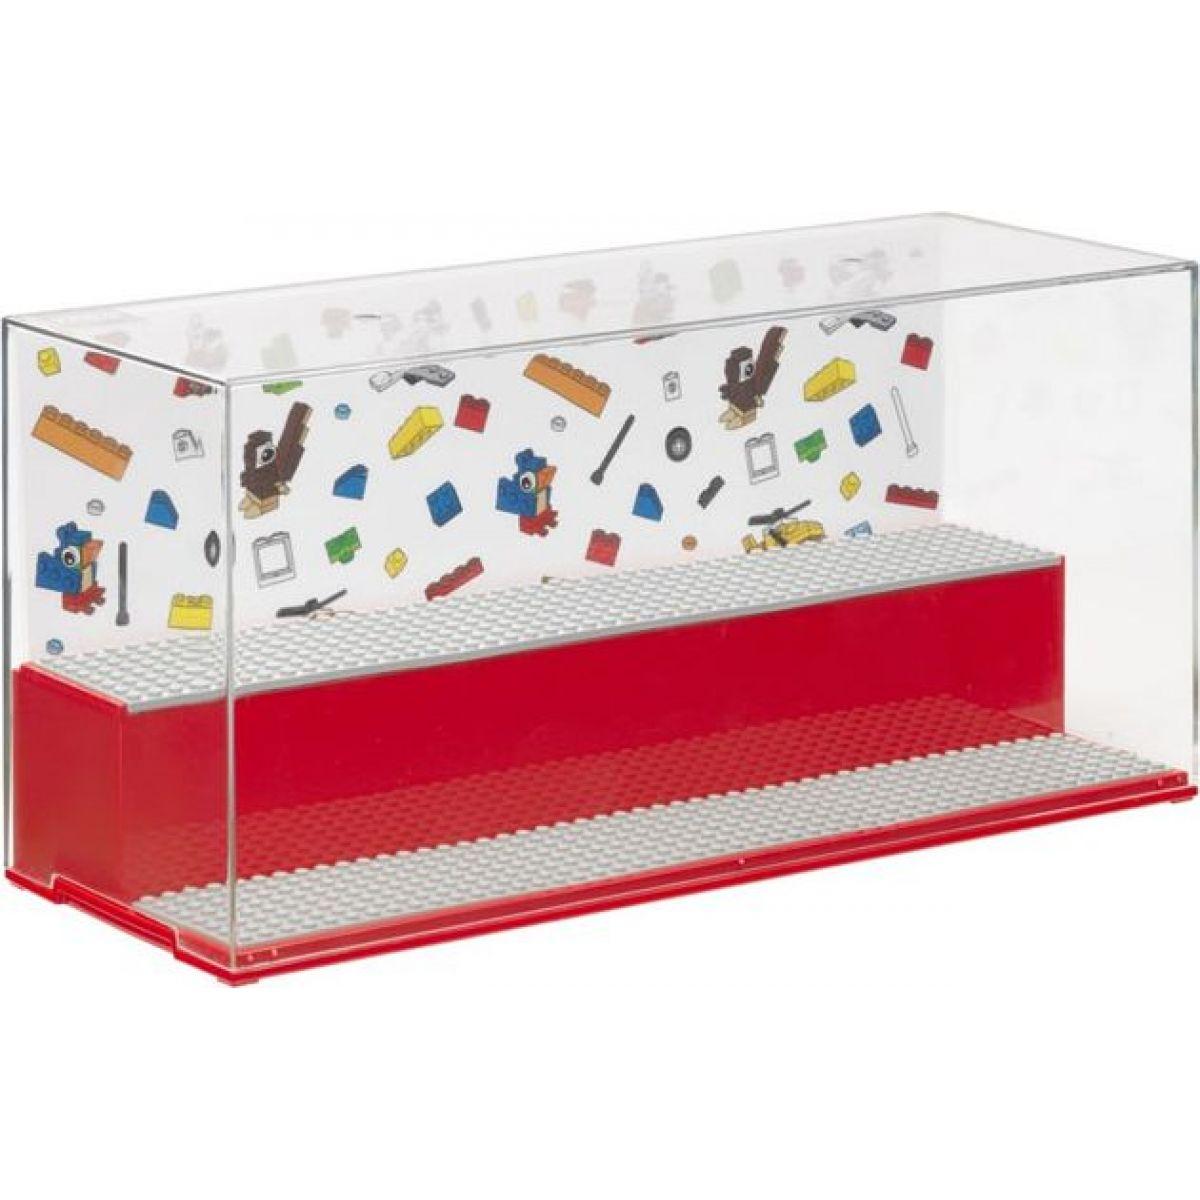 LEGO Iconic herná a zberateľská skrinka červená